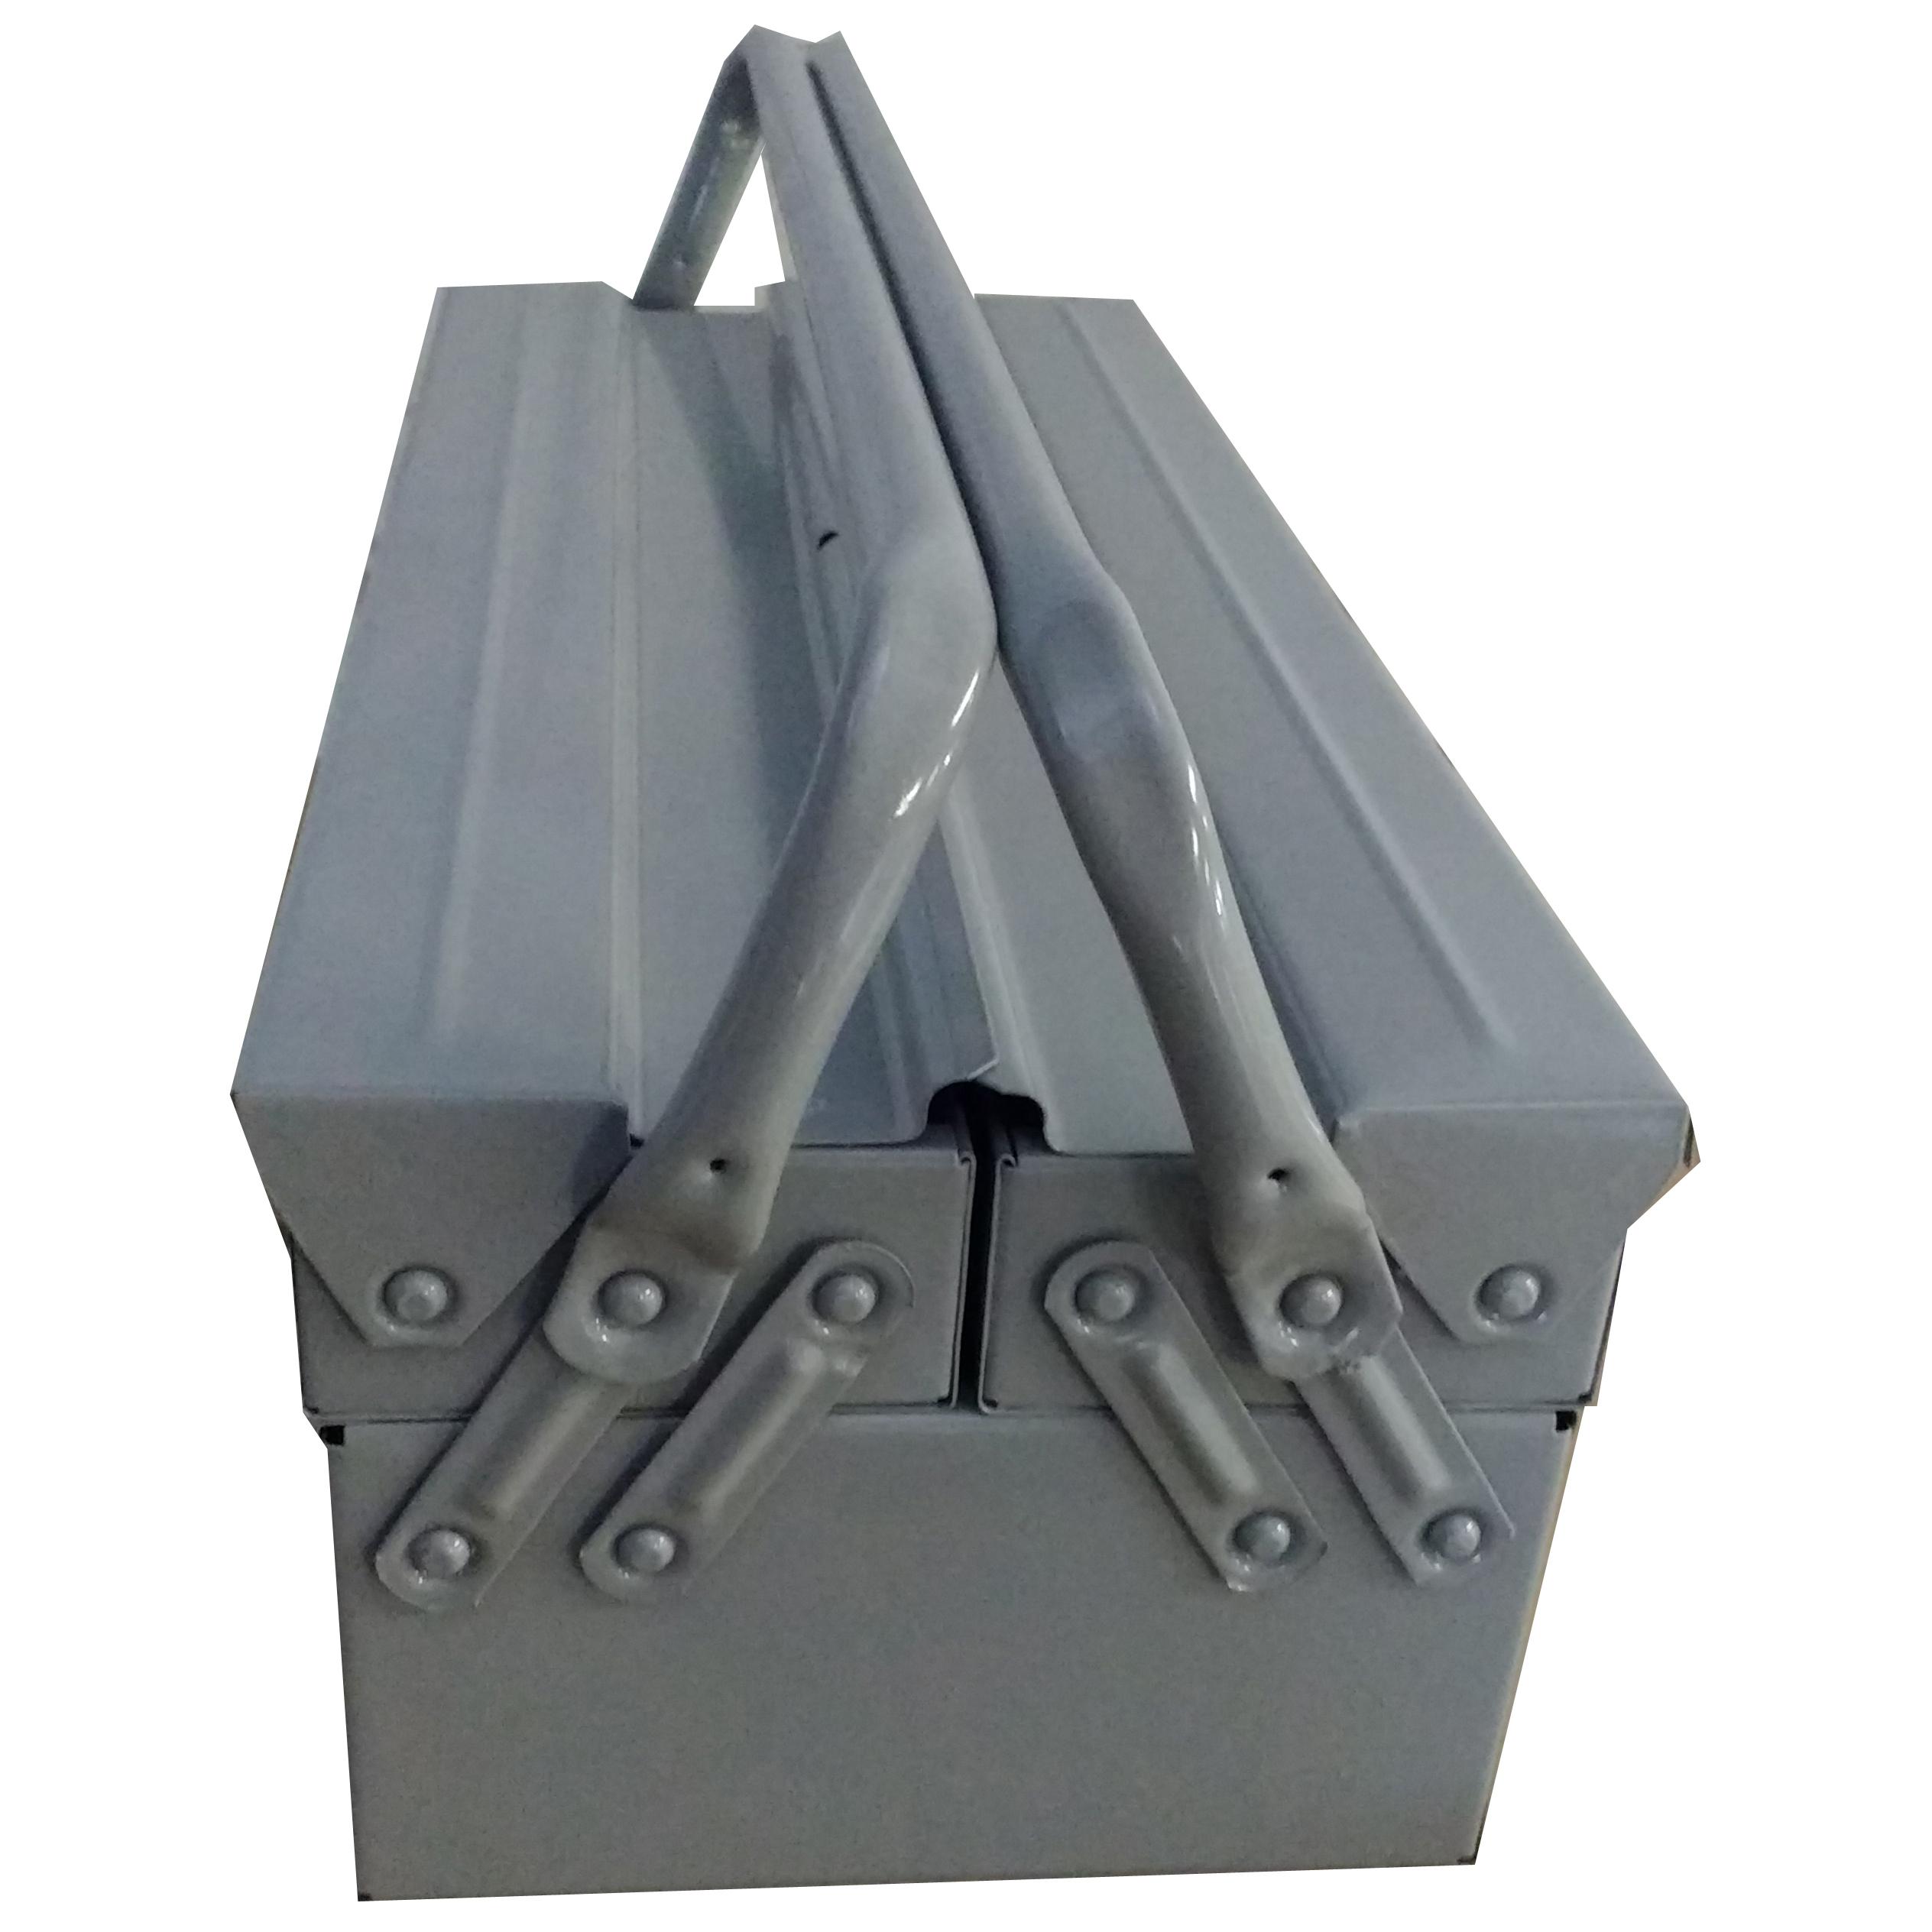 http://www.nilart.com.br/galeria/caixa-ferramentas-sanfonada-3-gavetas-50-cm-cabo-movel-reforcada-400.035-1.jpg